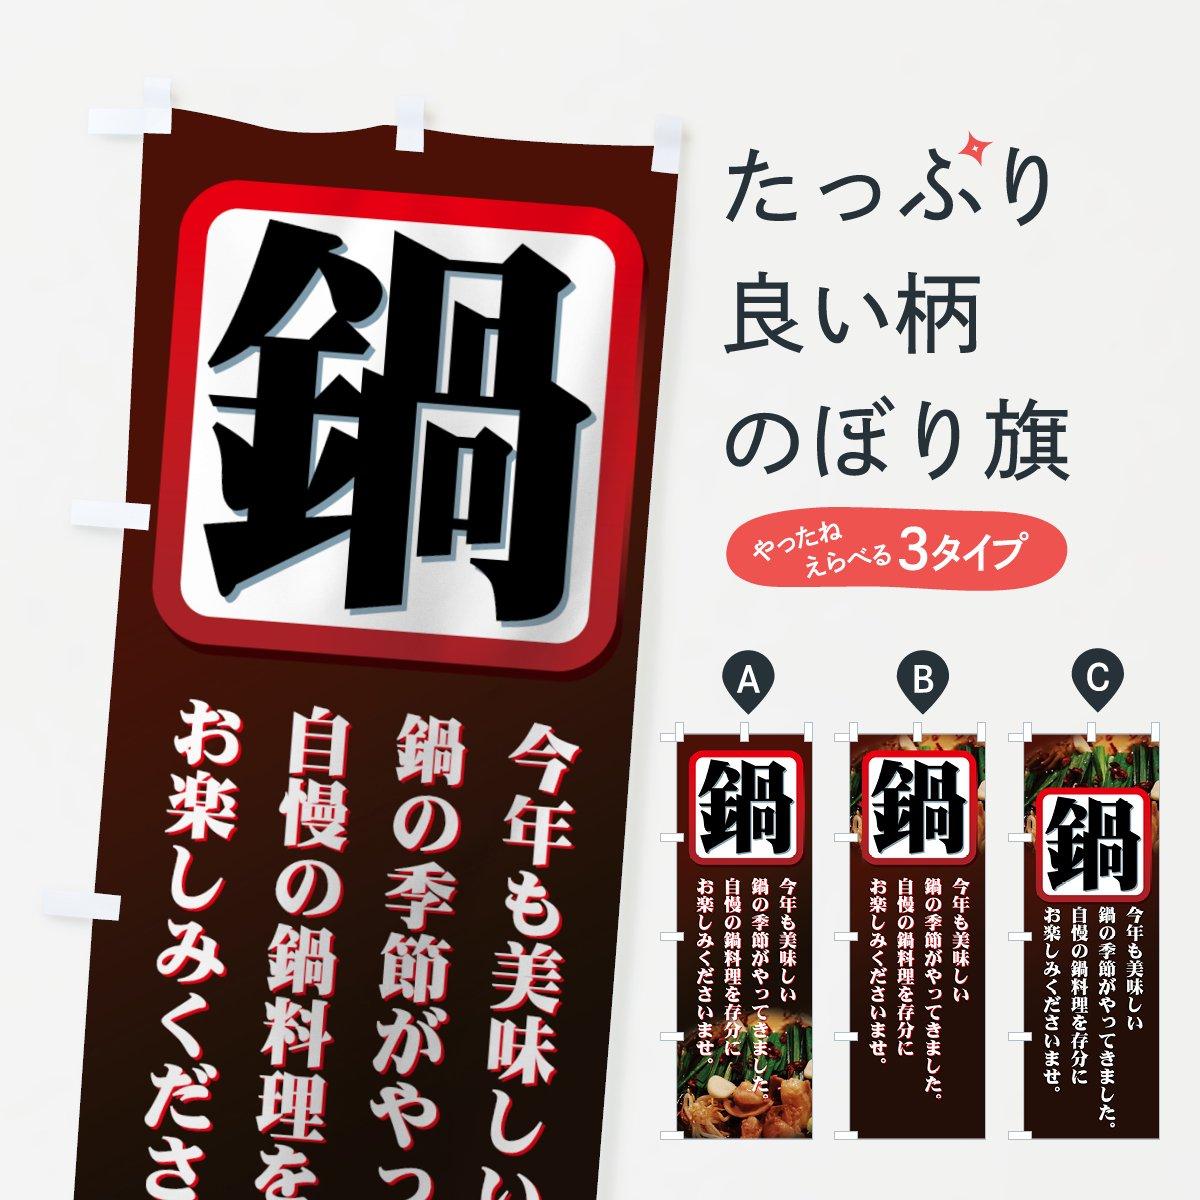 鍋のぼり旗【今年も美味しい】[鍋*][鍋・鉄板焼き]